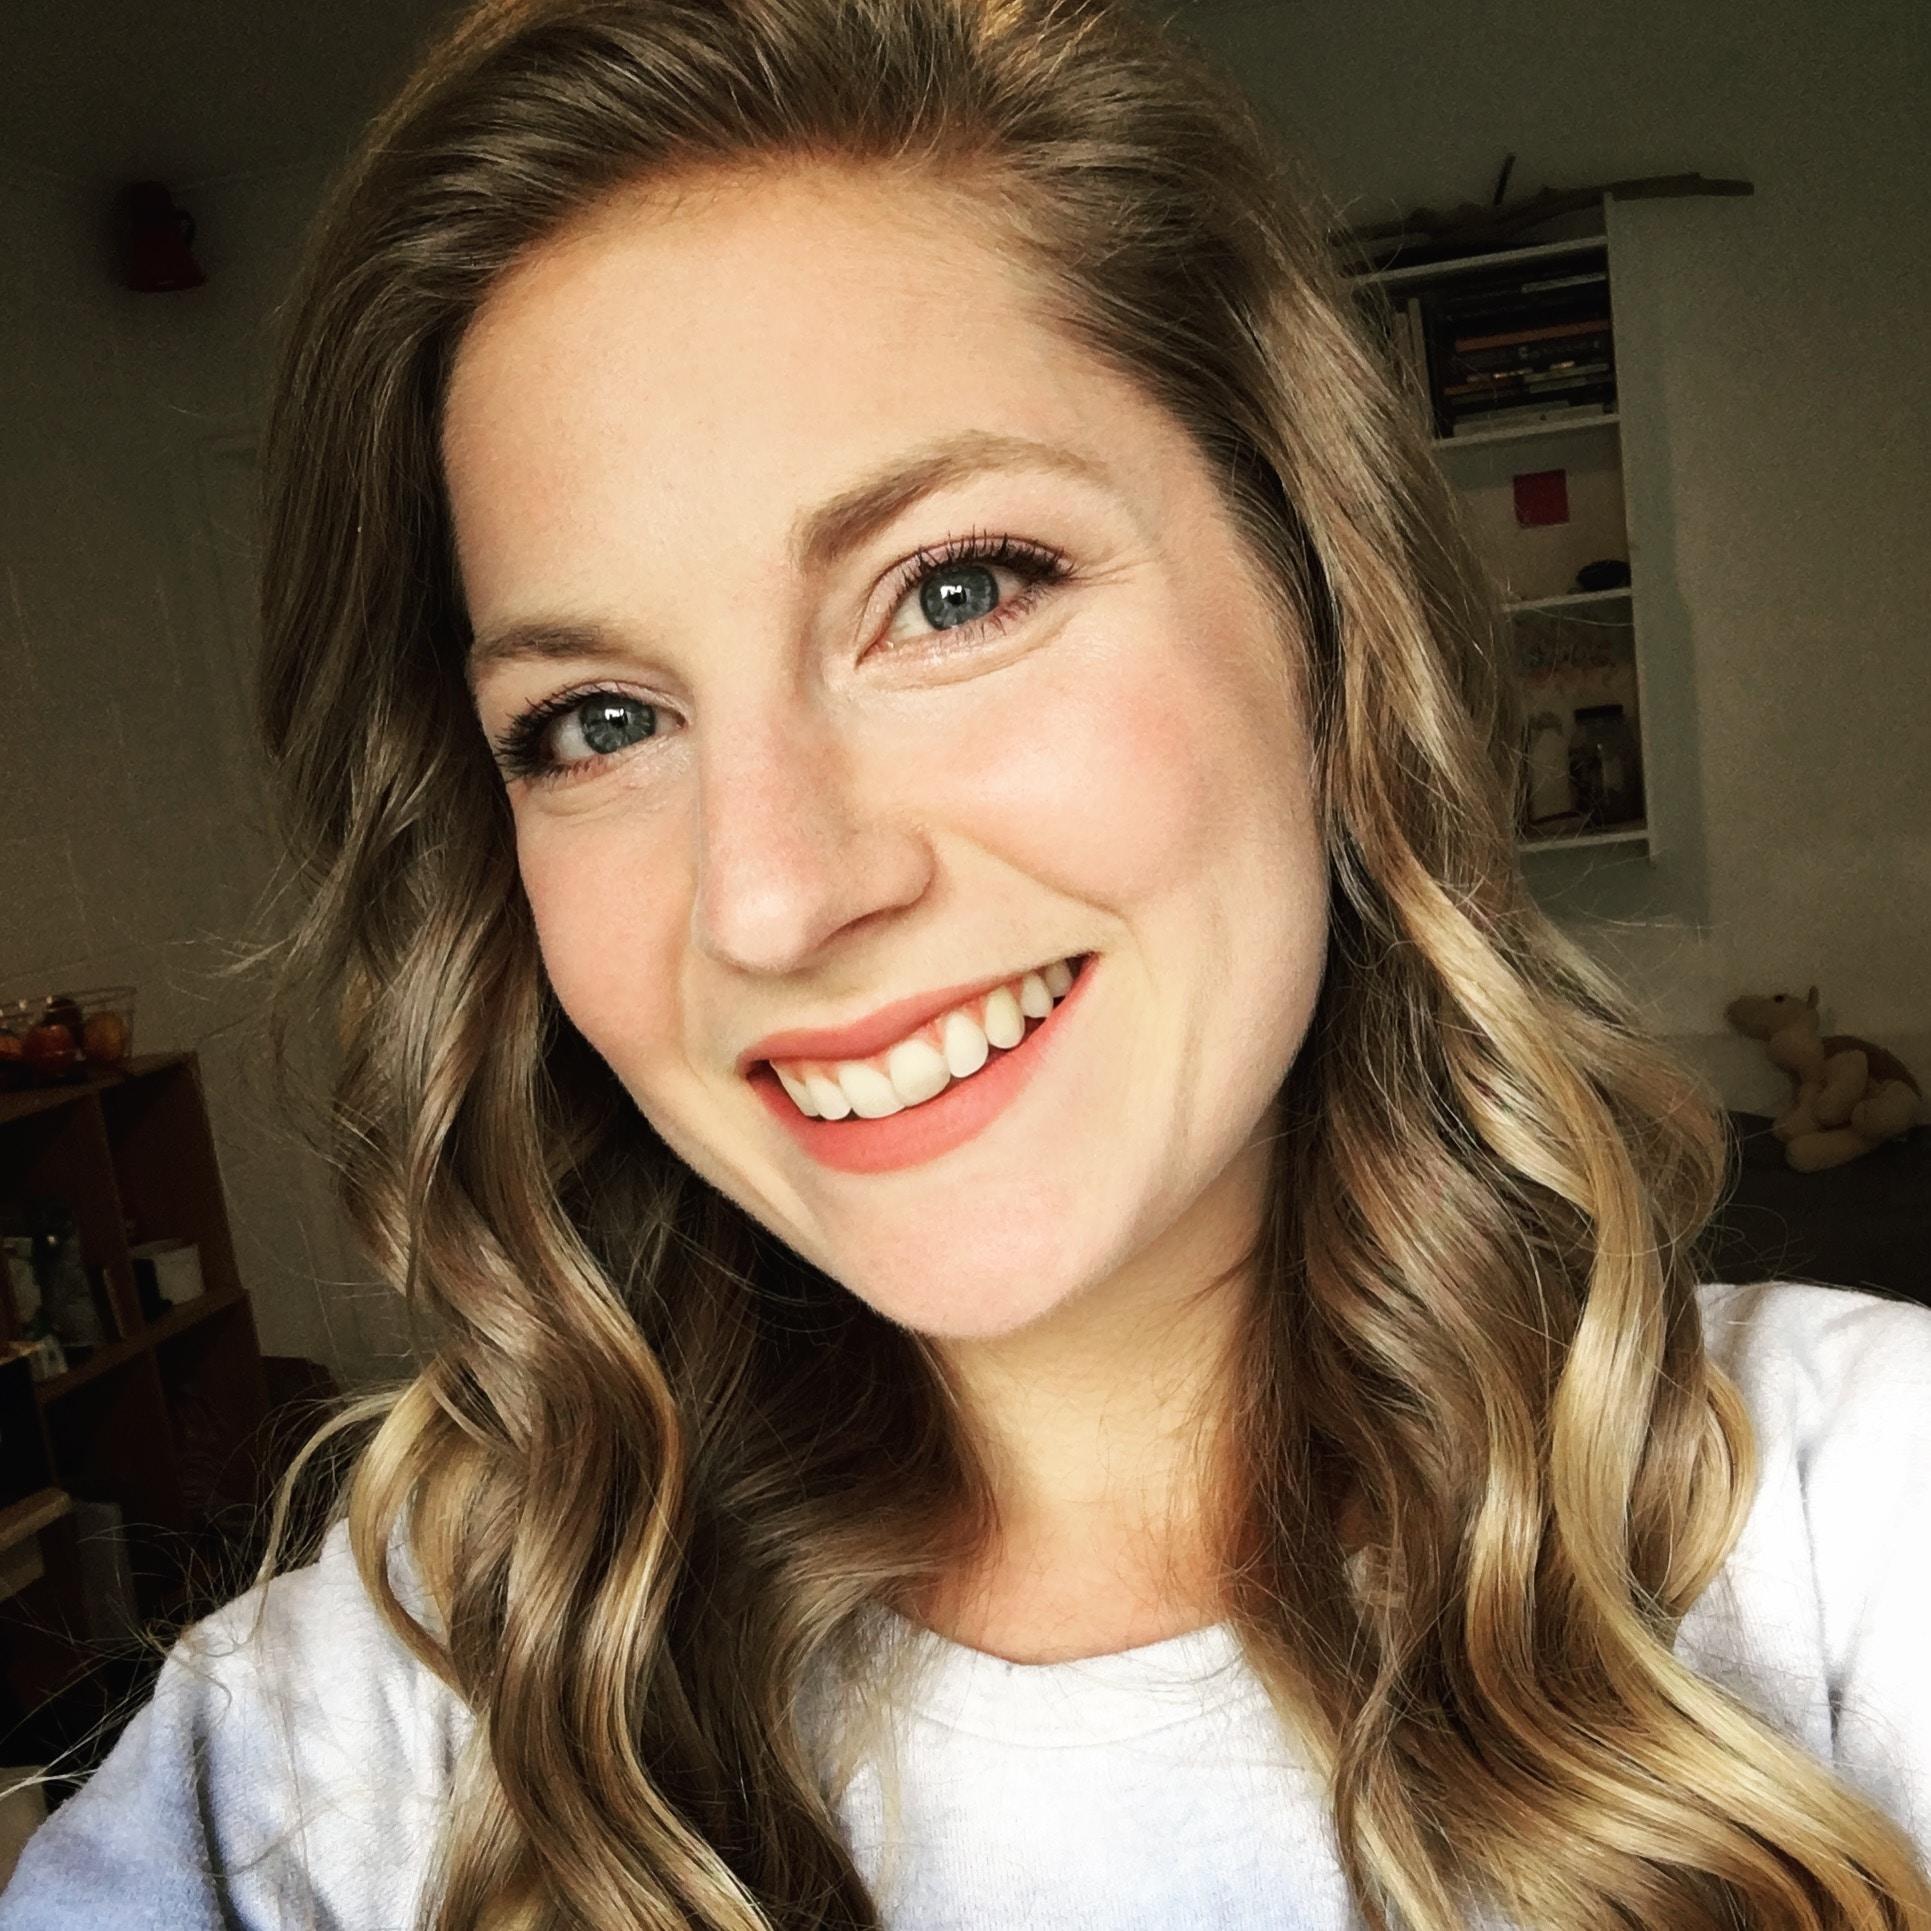 Go to Justine Pohorski's profile